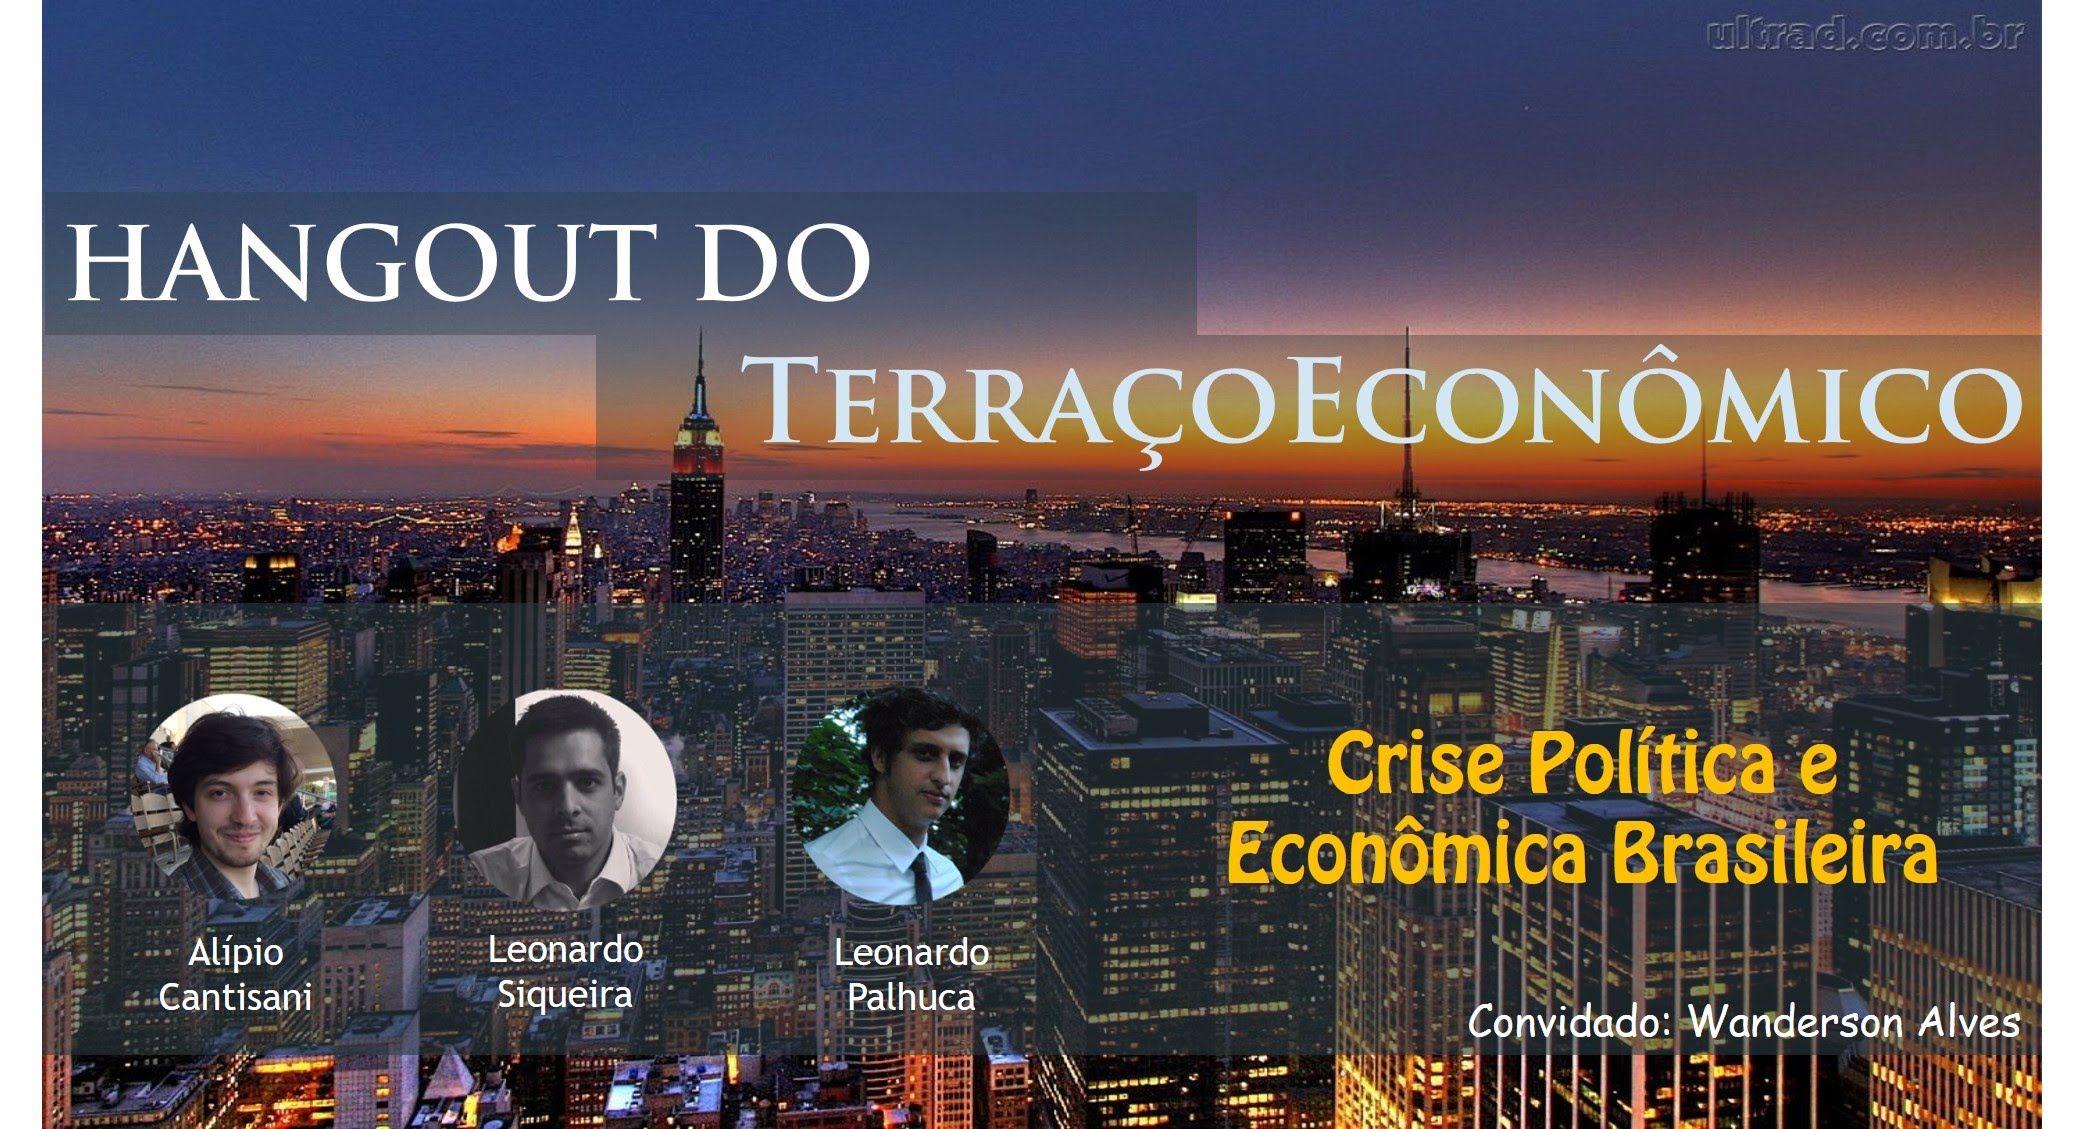 Hangout do Terraço Econômico - Crise Política e Econômica Brasileira